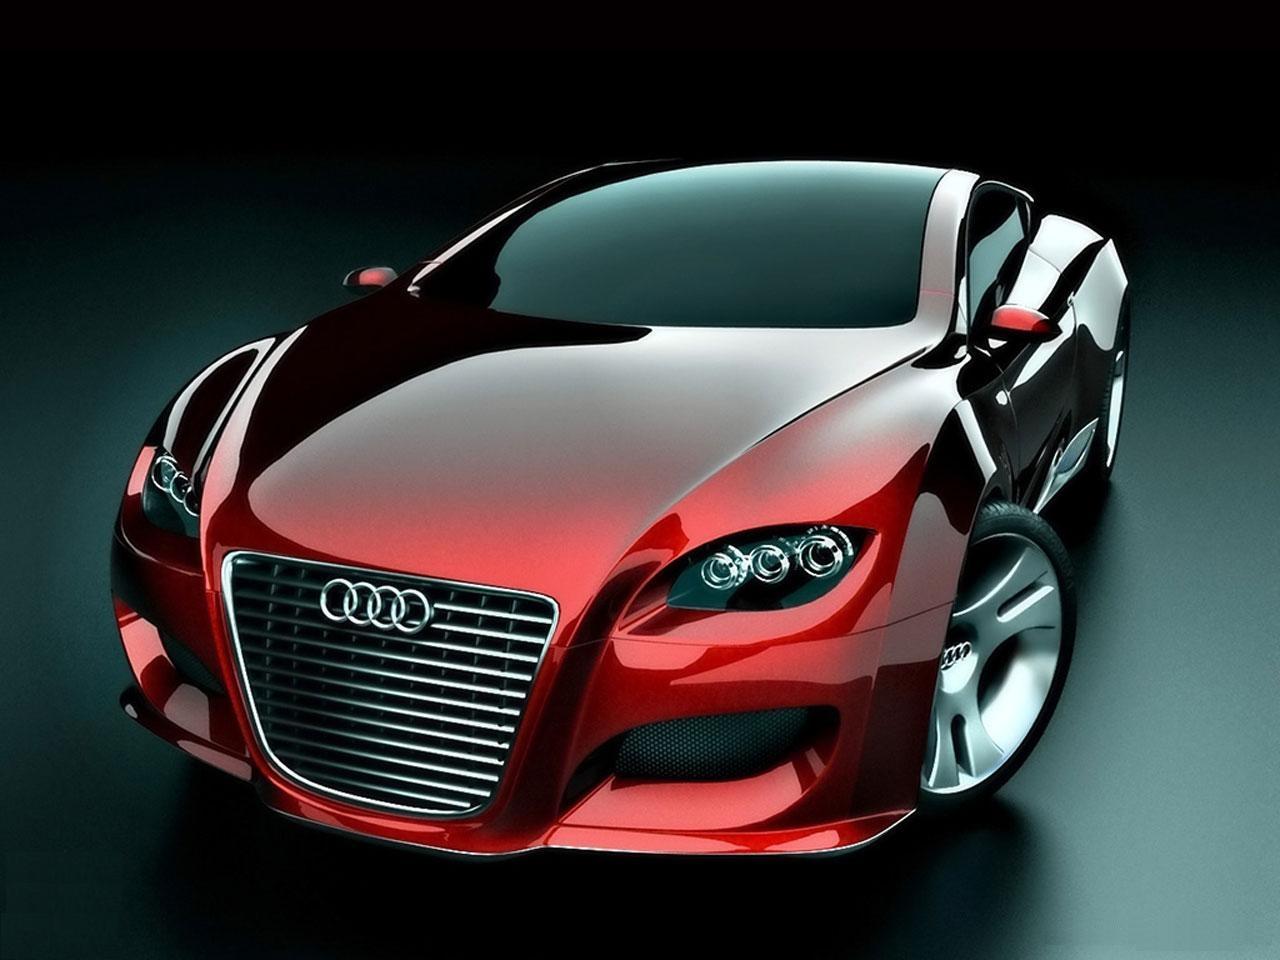 35135 скачать обои Транспорт, Машины, Ауди (Audi) - заставки и картинки бесплатно